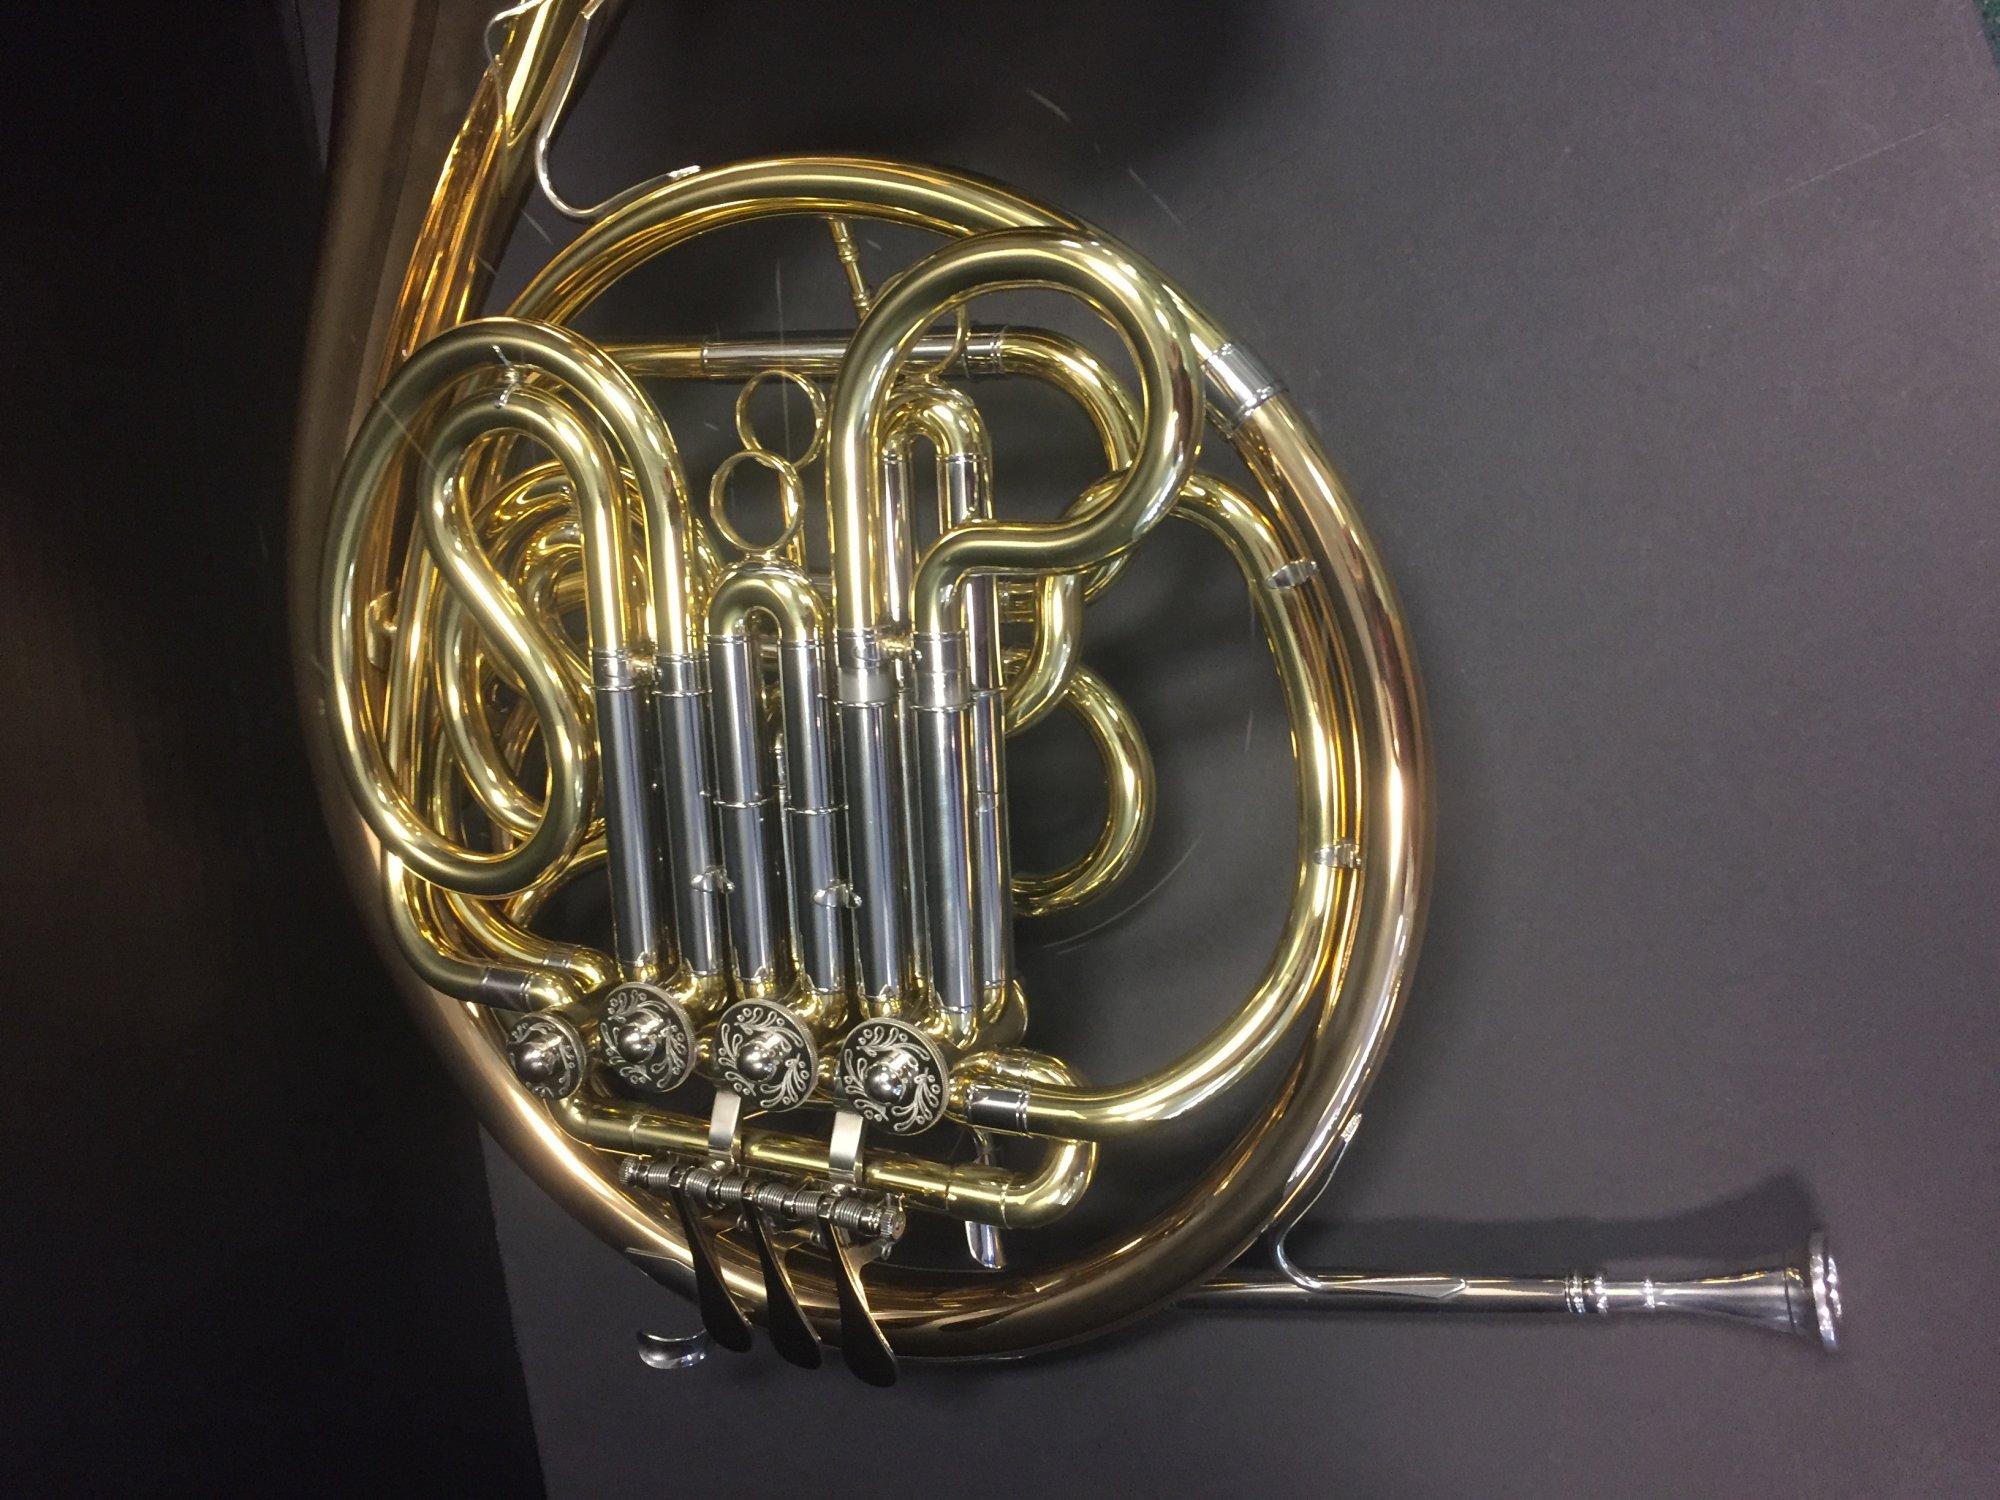 Jupiter JHR 952 RL Double French Horn